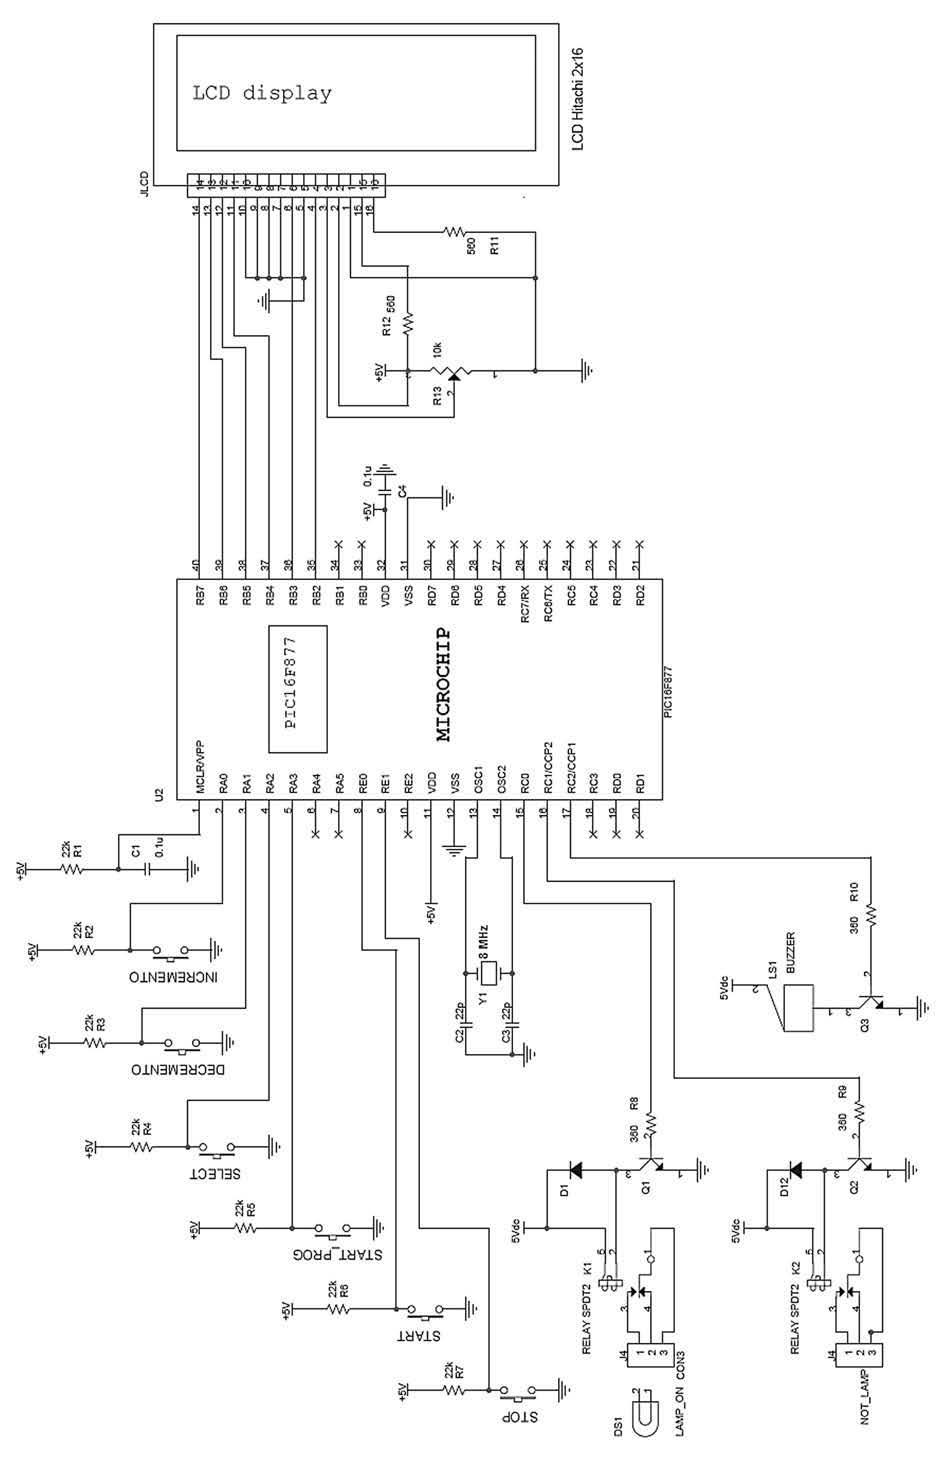 Figura 1: schema circuitale che implementa il timer mediante l'impiego del controllore Microchip PIC16F877.